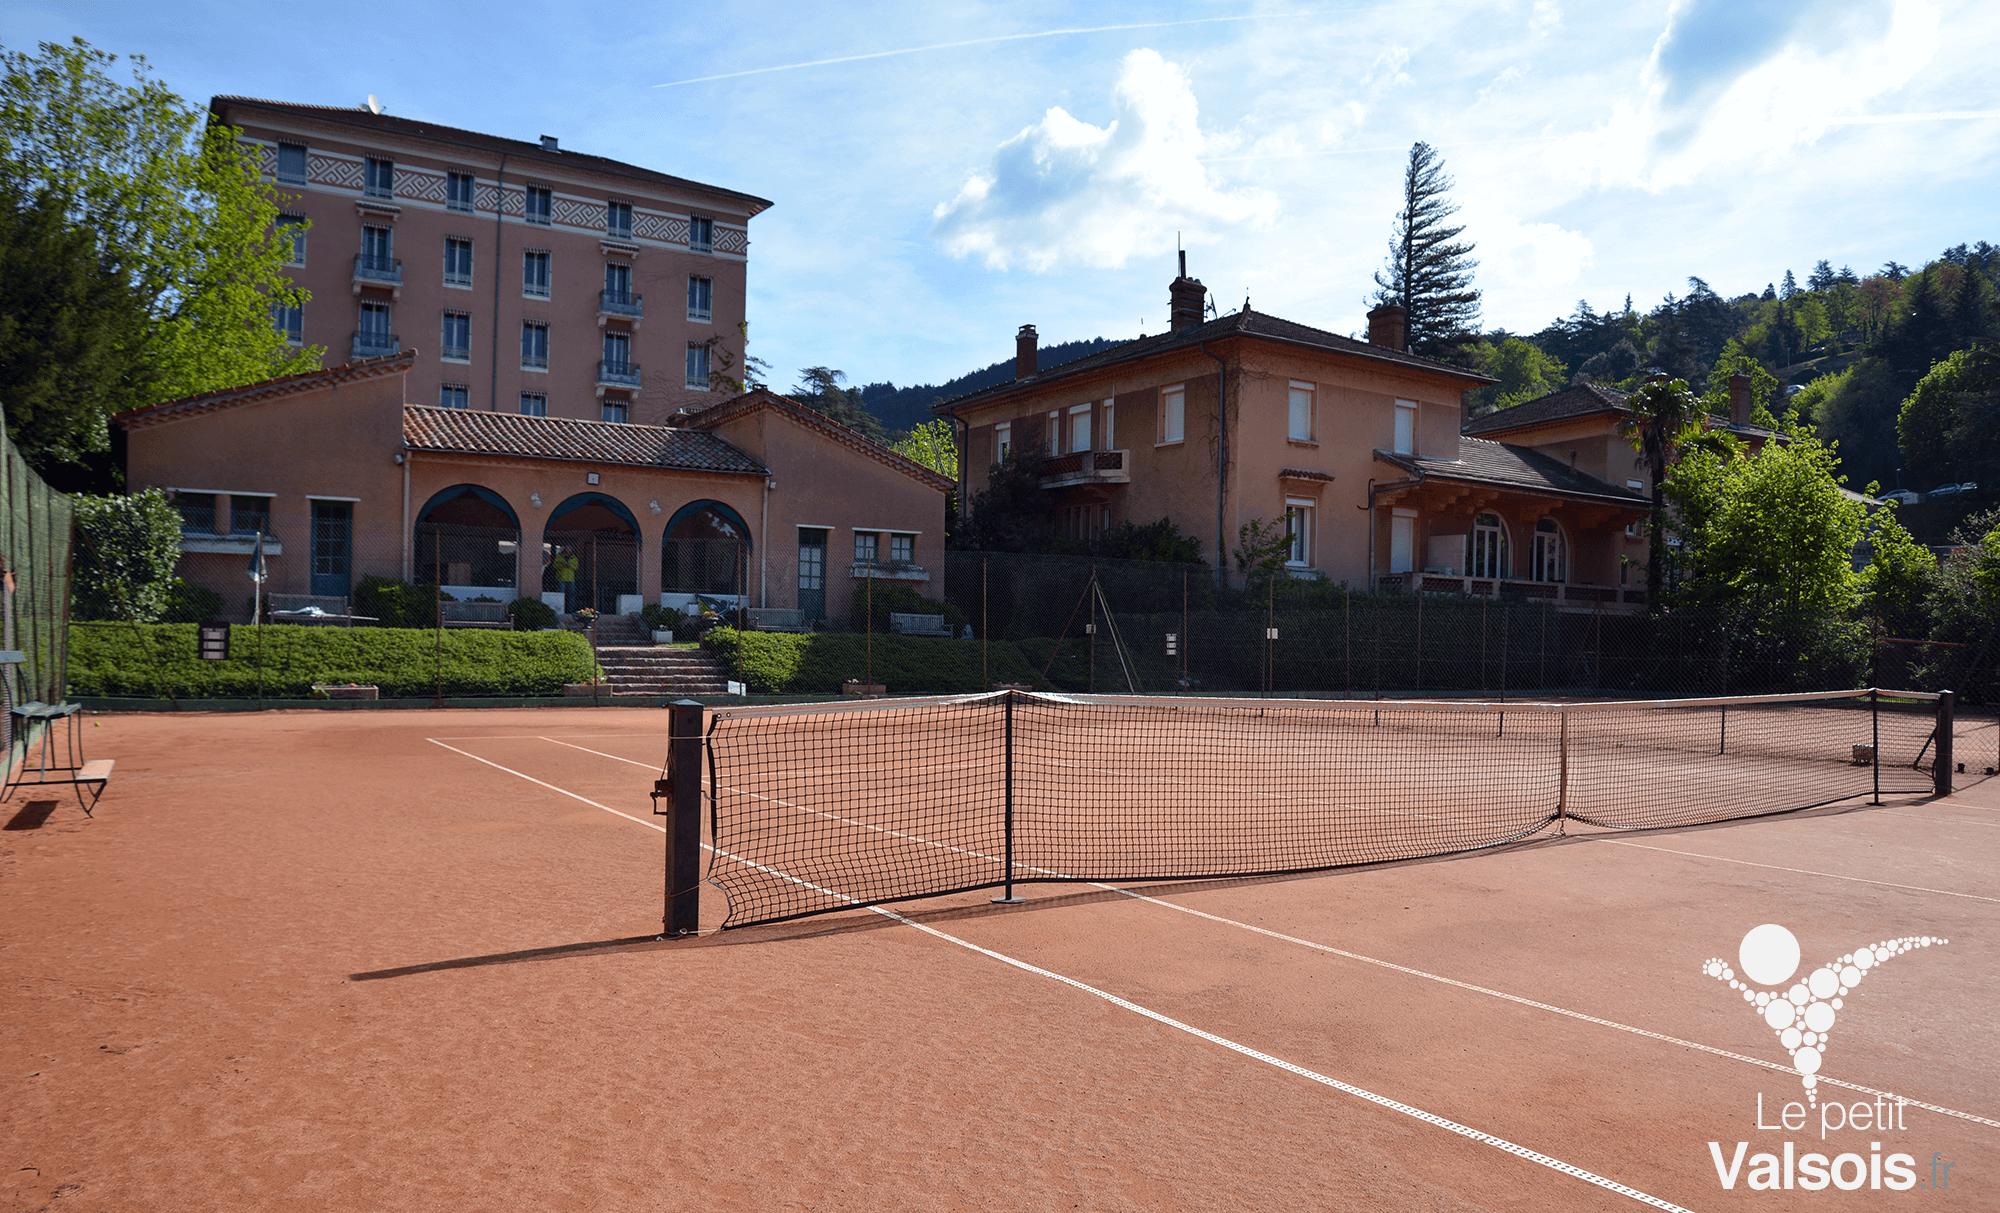 Tennis Club de Vals-les-Bains